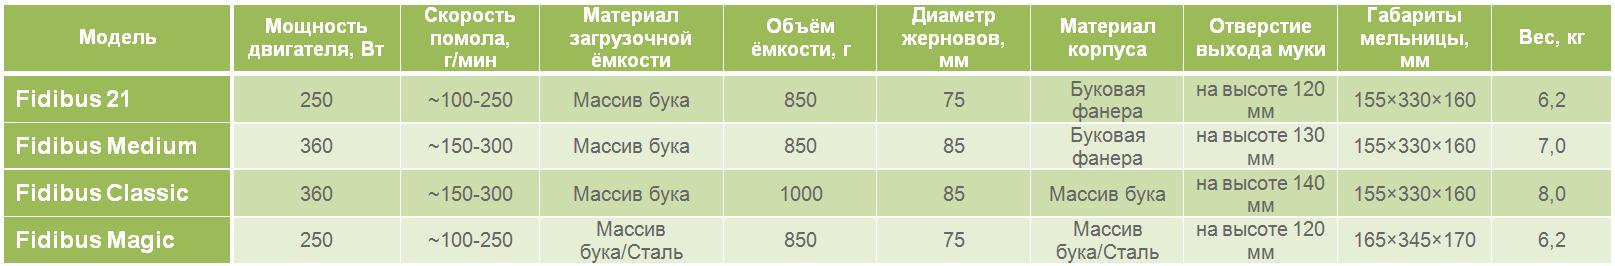 osnovnye-otlichiya-ehlektricheskih-melnic-komo-serii-fidibus